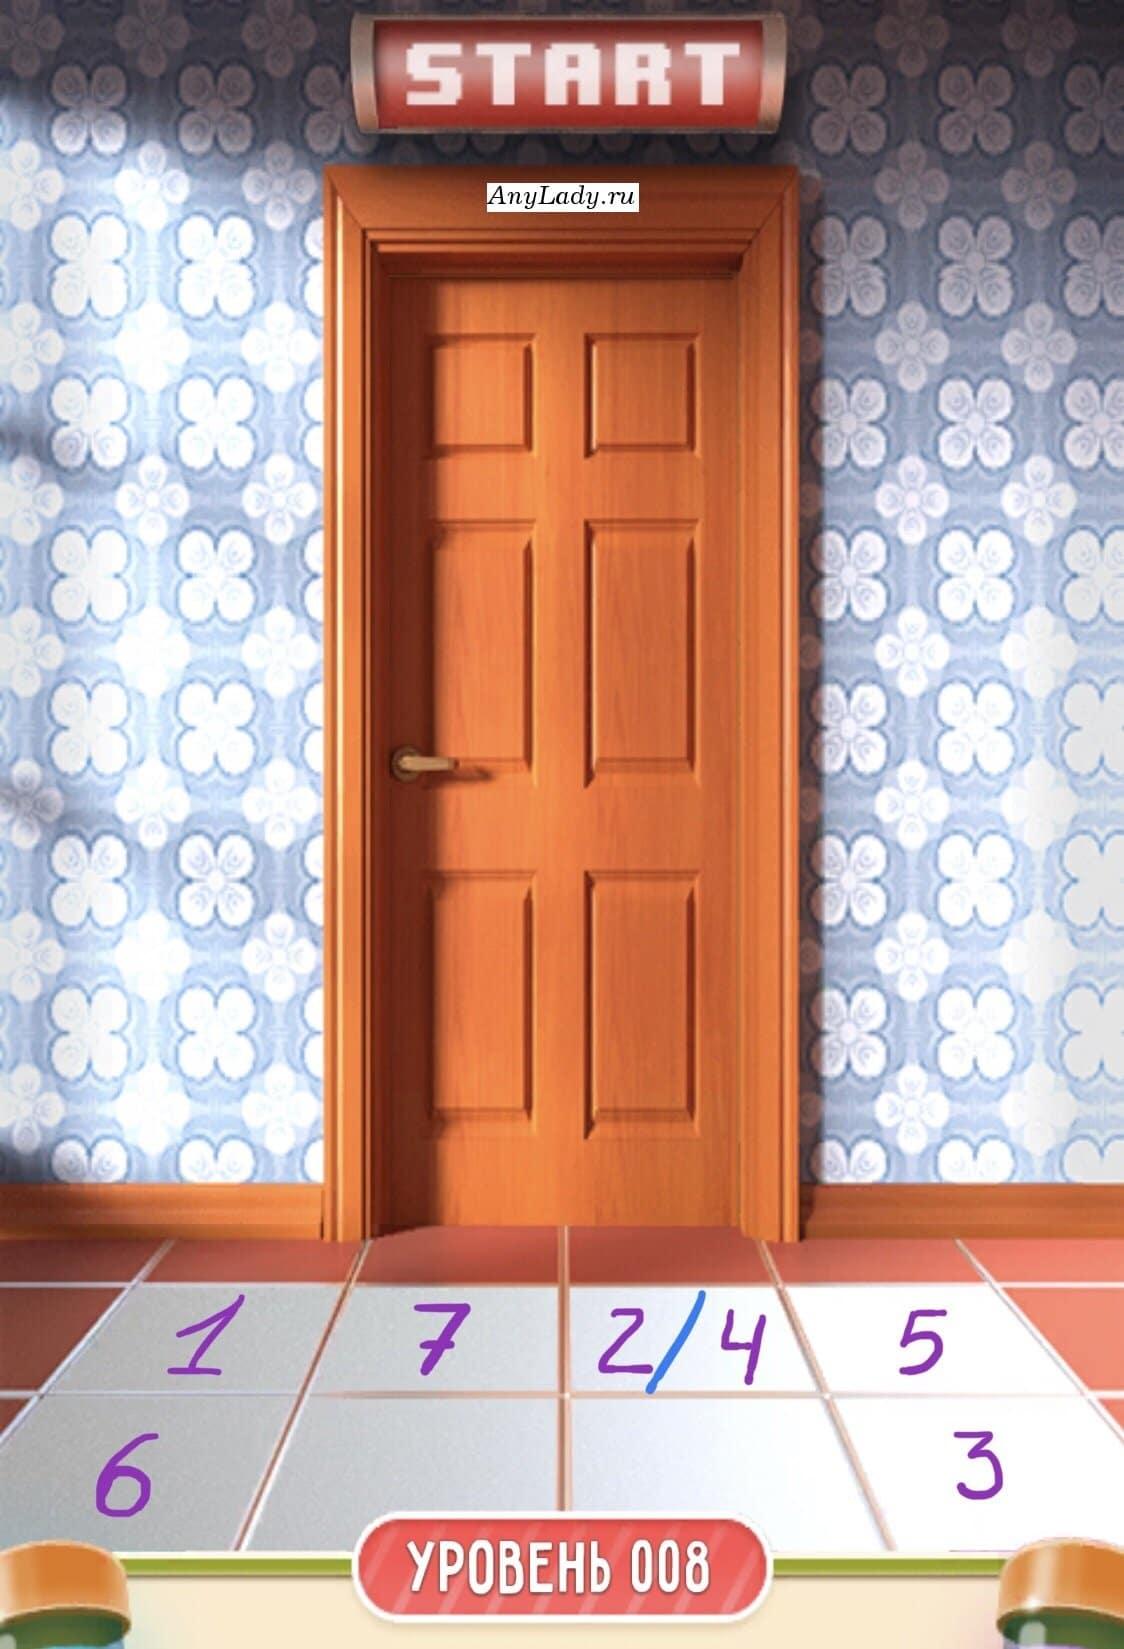 """Нажмите """"старт"""" над дверью и повторите цветовой порядок нажатия на плиты.  На картинке пронумерована последовательность нажатия."""